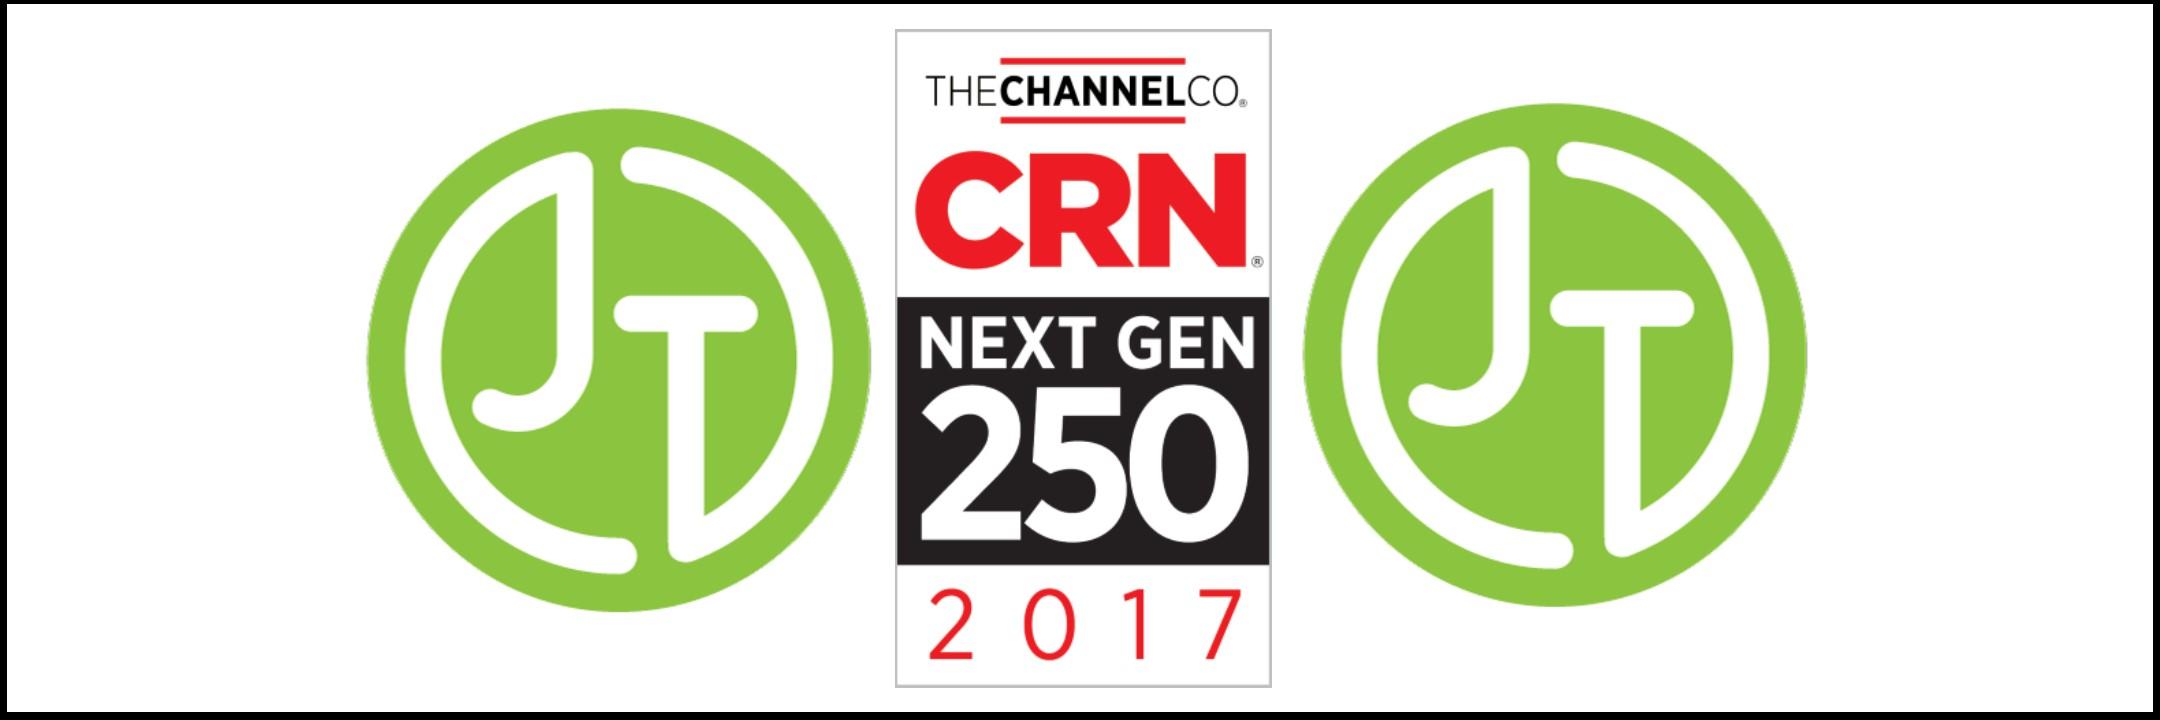 Justtech On Crn Next Gen 250 List Justtech